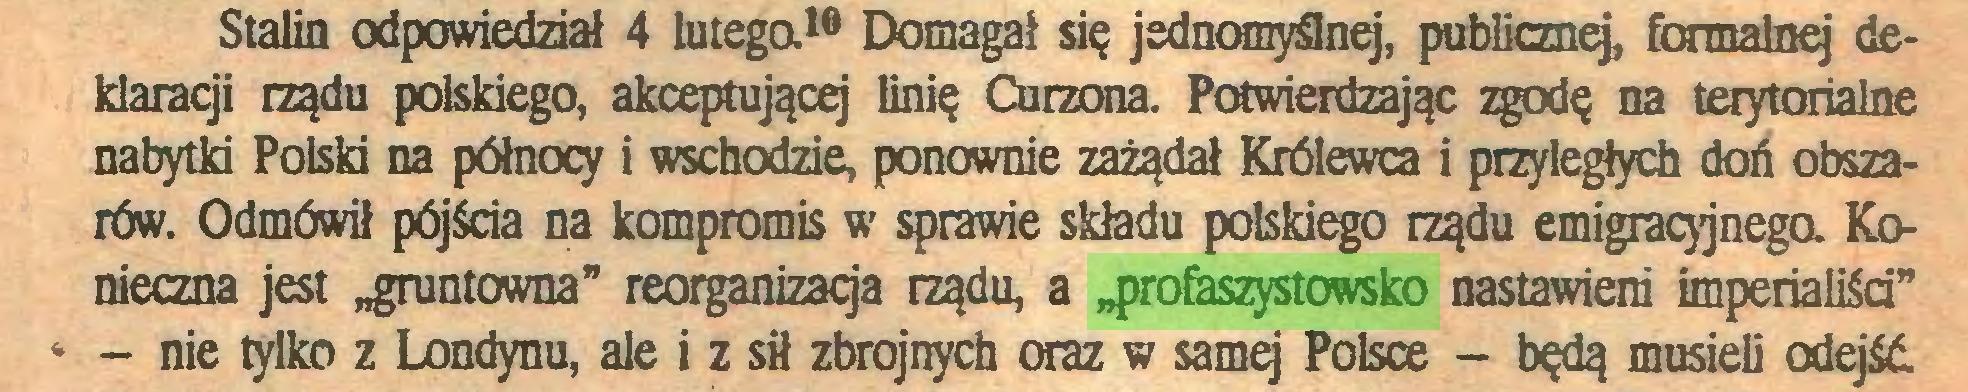 """(...) Stalin odpowiedział 4 lutego.10 Domagał się jednomyślnej, publiczną, formalnej deklaracji rządu polskiego, akceptującej linię Curzona. Potwierdzając zgodę na terytorialne nabytki Polski na północy i wschodzie, ponownie zażądał Królewca i przyległych doń obszarów. Odmówił pójścia na kompromis w sprawie składu polskiego rządu emigracyjnego. Konieczna jest """"gruntowna"""" reorganizacja rządu, a """"profaszystowsko nastawieni imperialiści"""" * - nie tylko z Londynu, ale i z sił zbrojnych oraz w samej Polsce - będą musieli odejść..."""